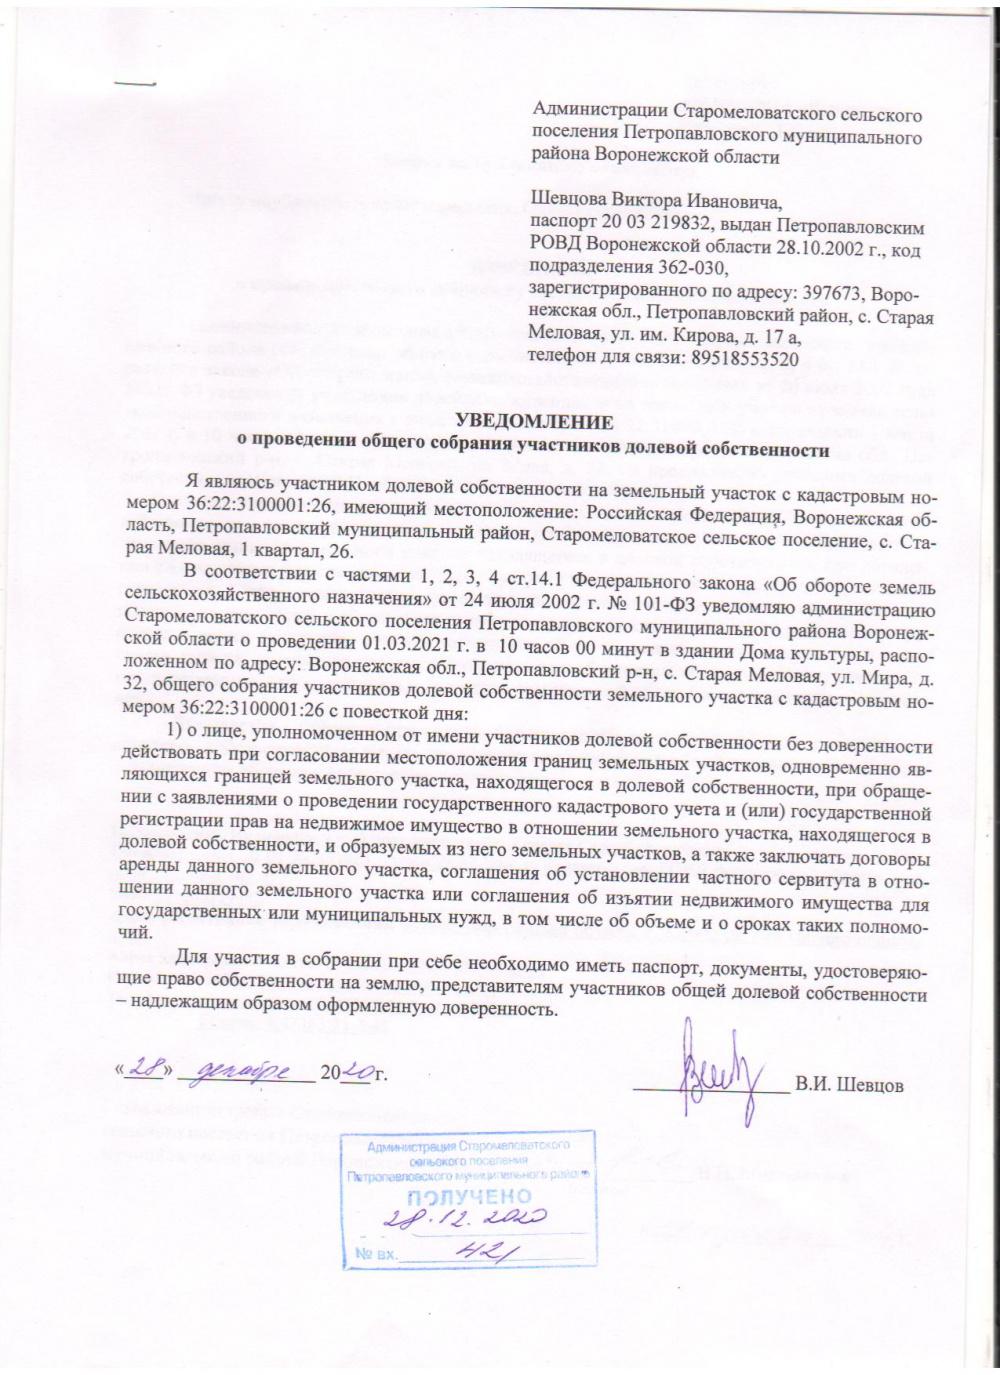 Уведомление о проведении собрания Шевцовым В.И.